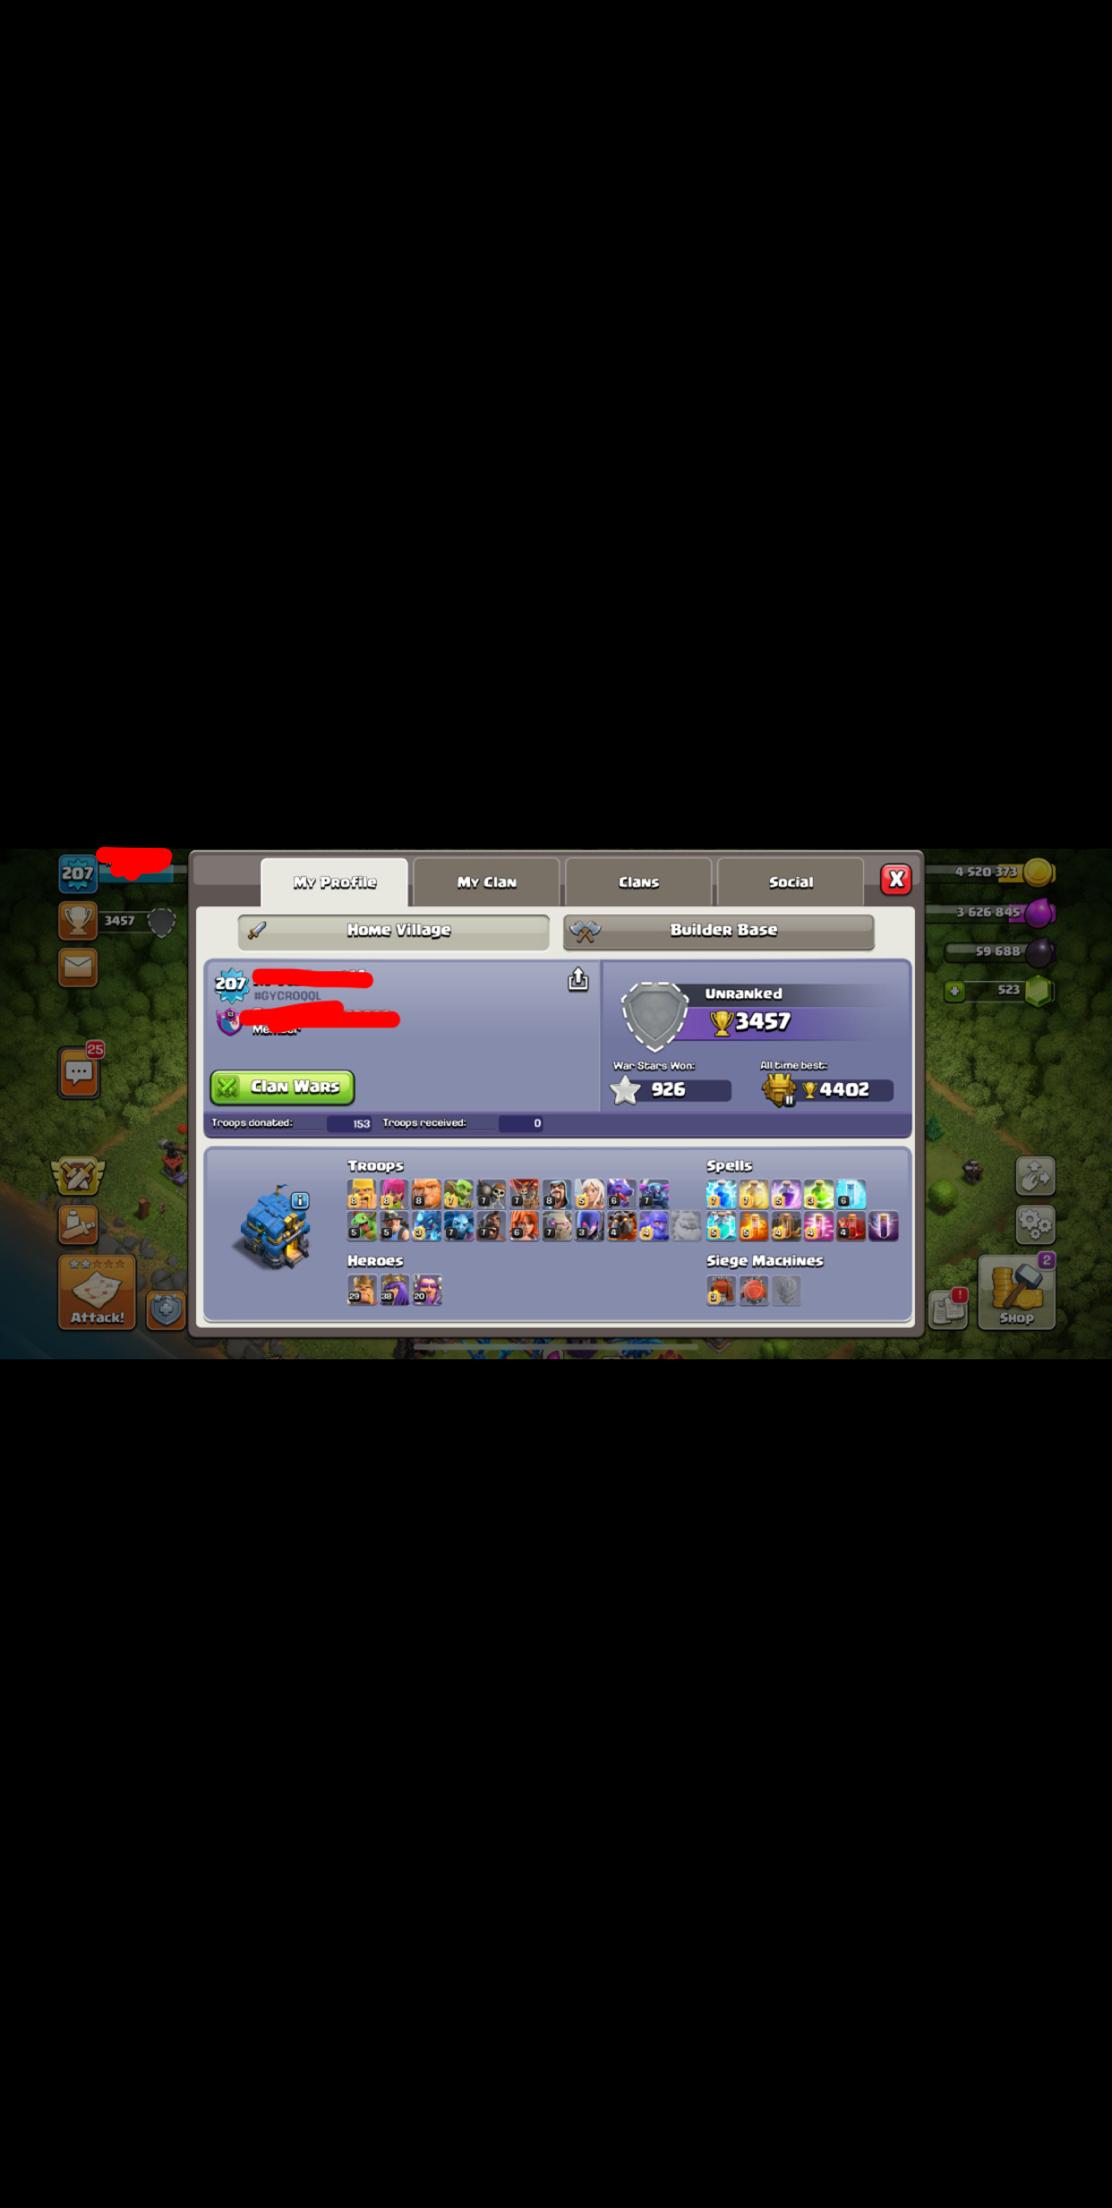 207 TH12 5 troops max all spells max semi max spells K29 Q38 W20